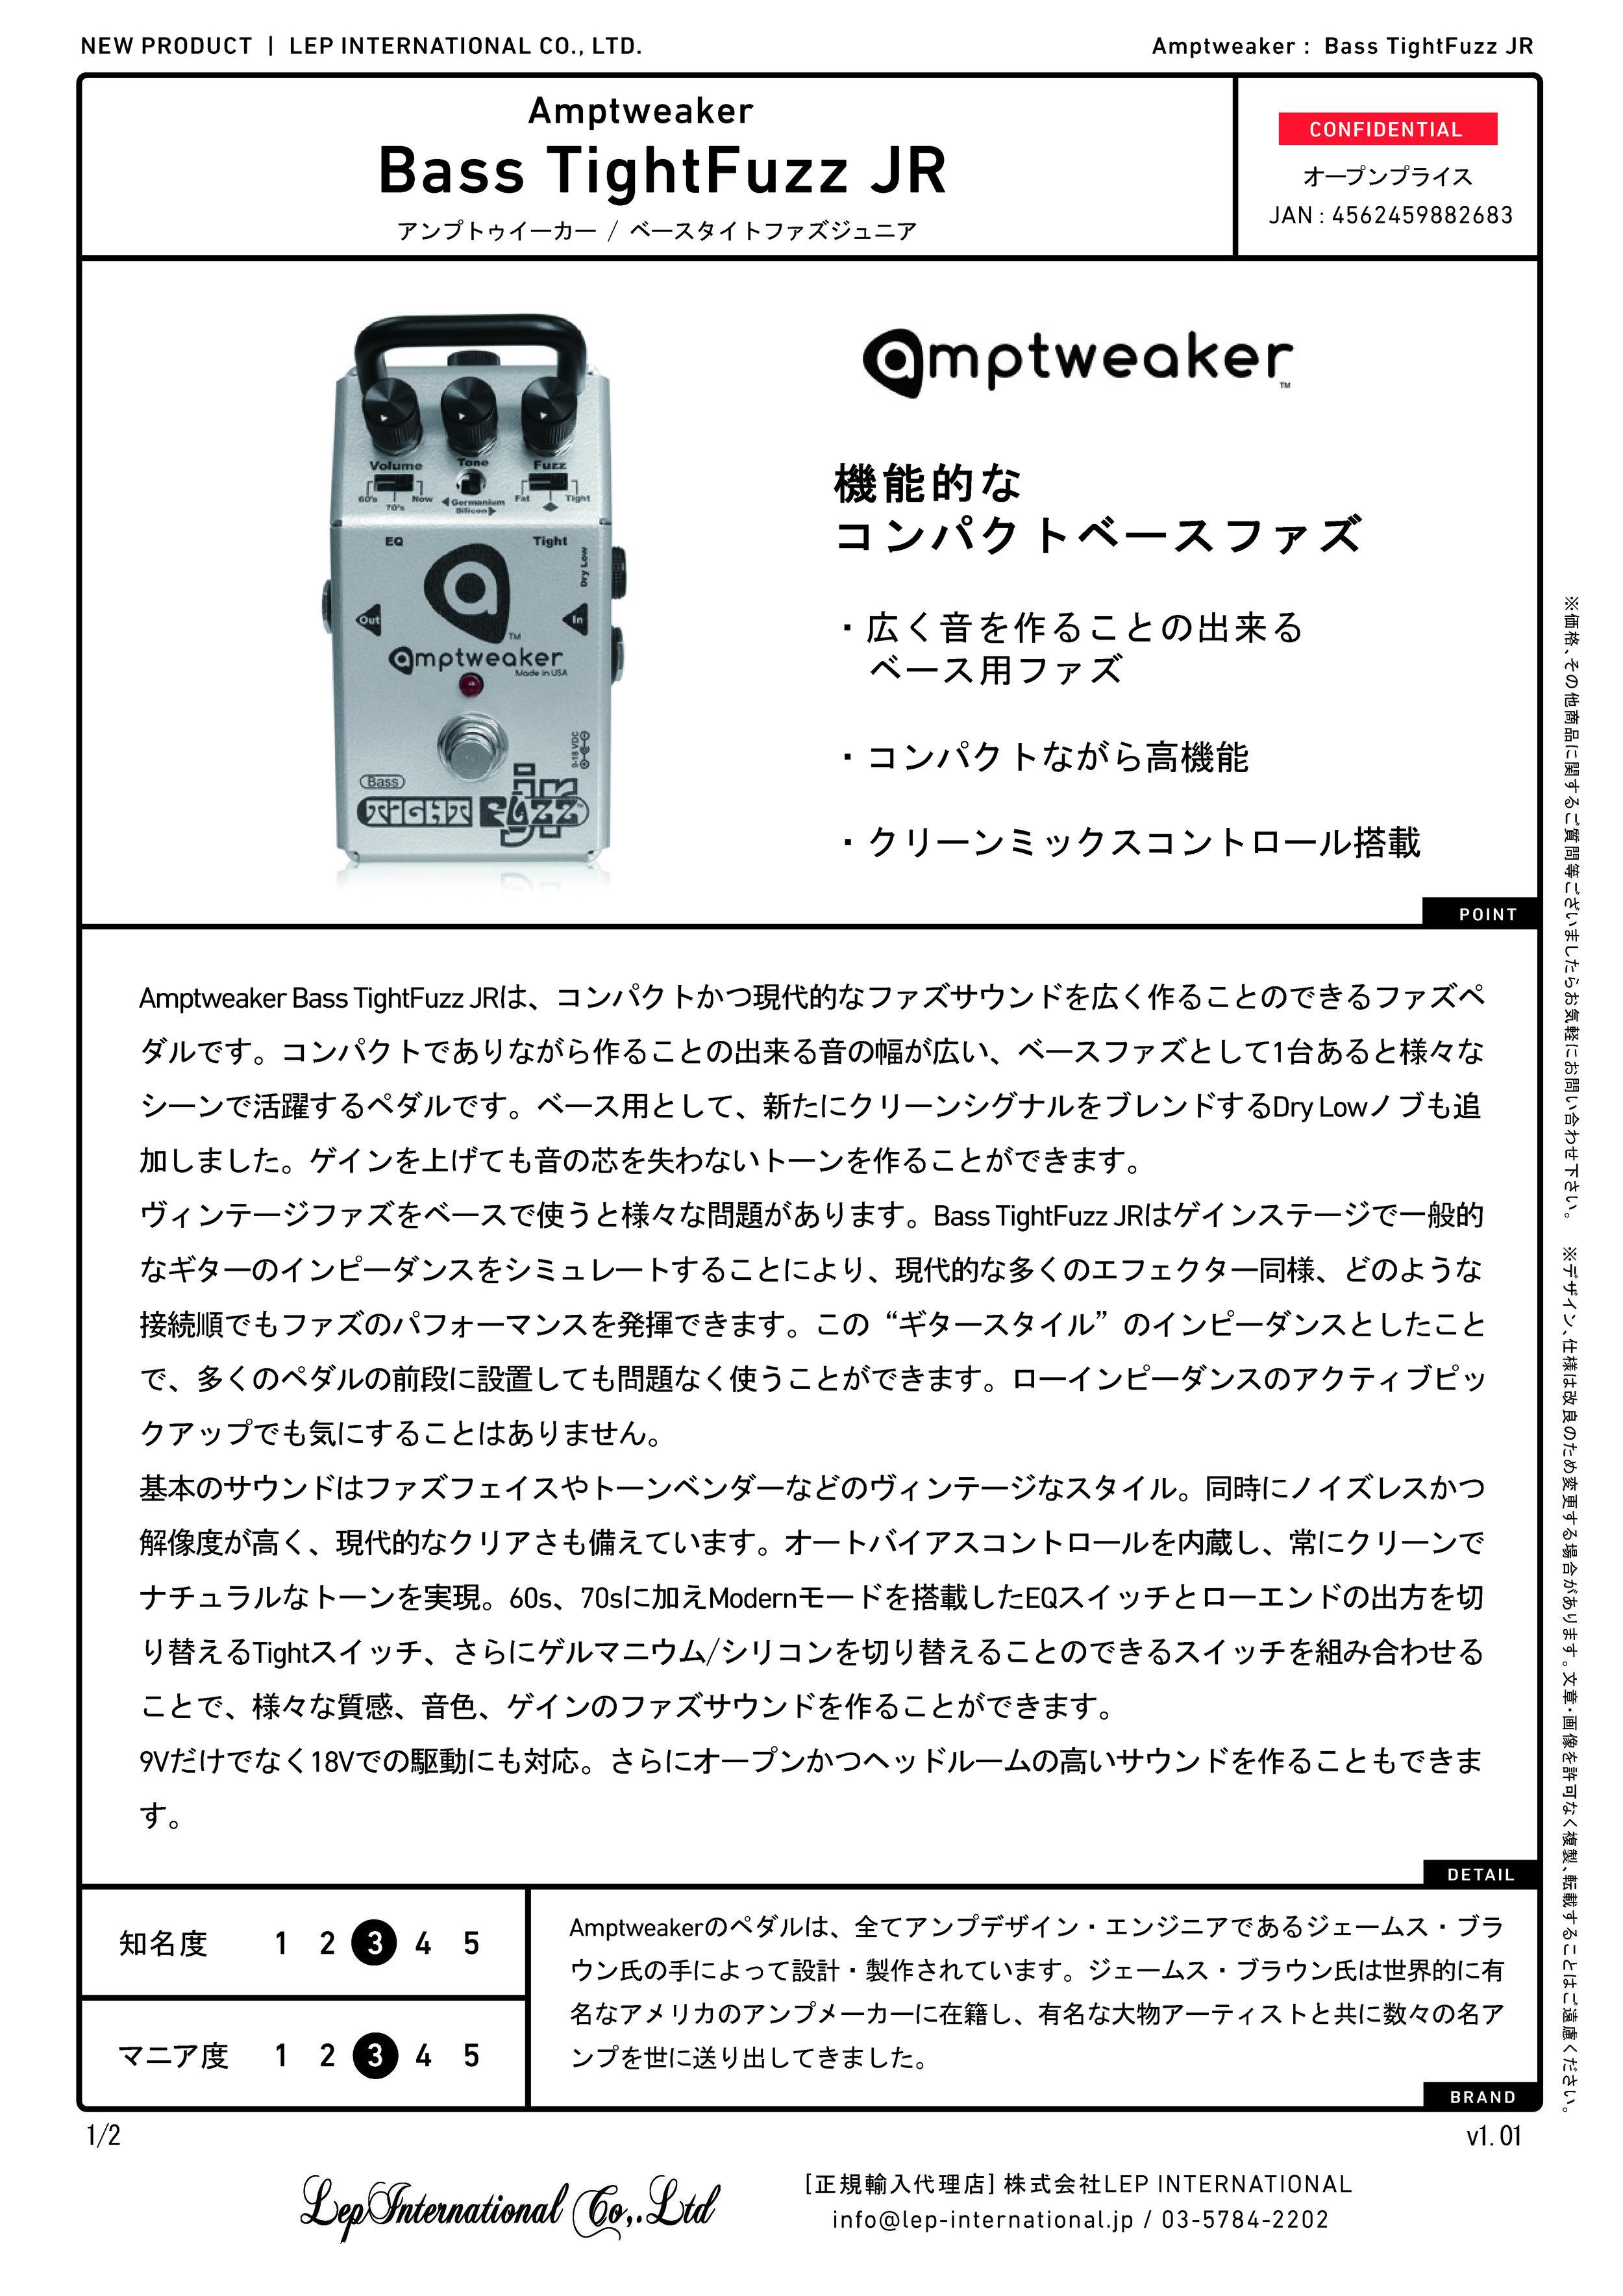 amptweaker basstightfuzzjr v1.01_ページ_1.jpg